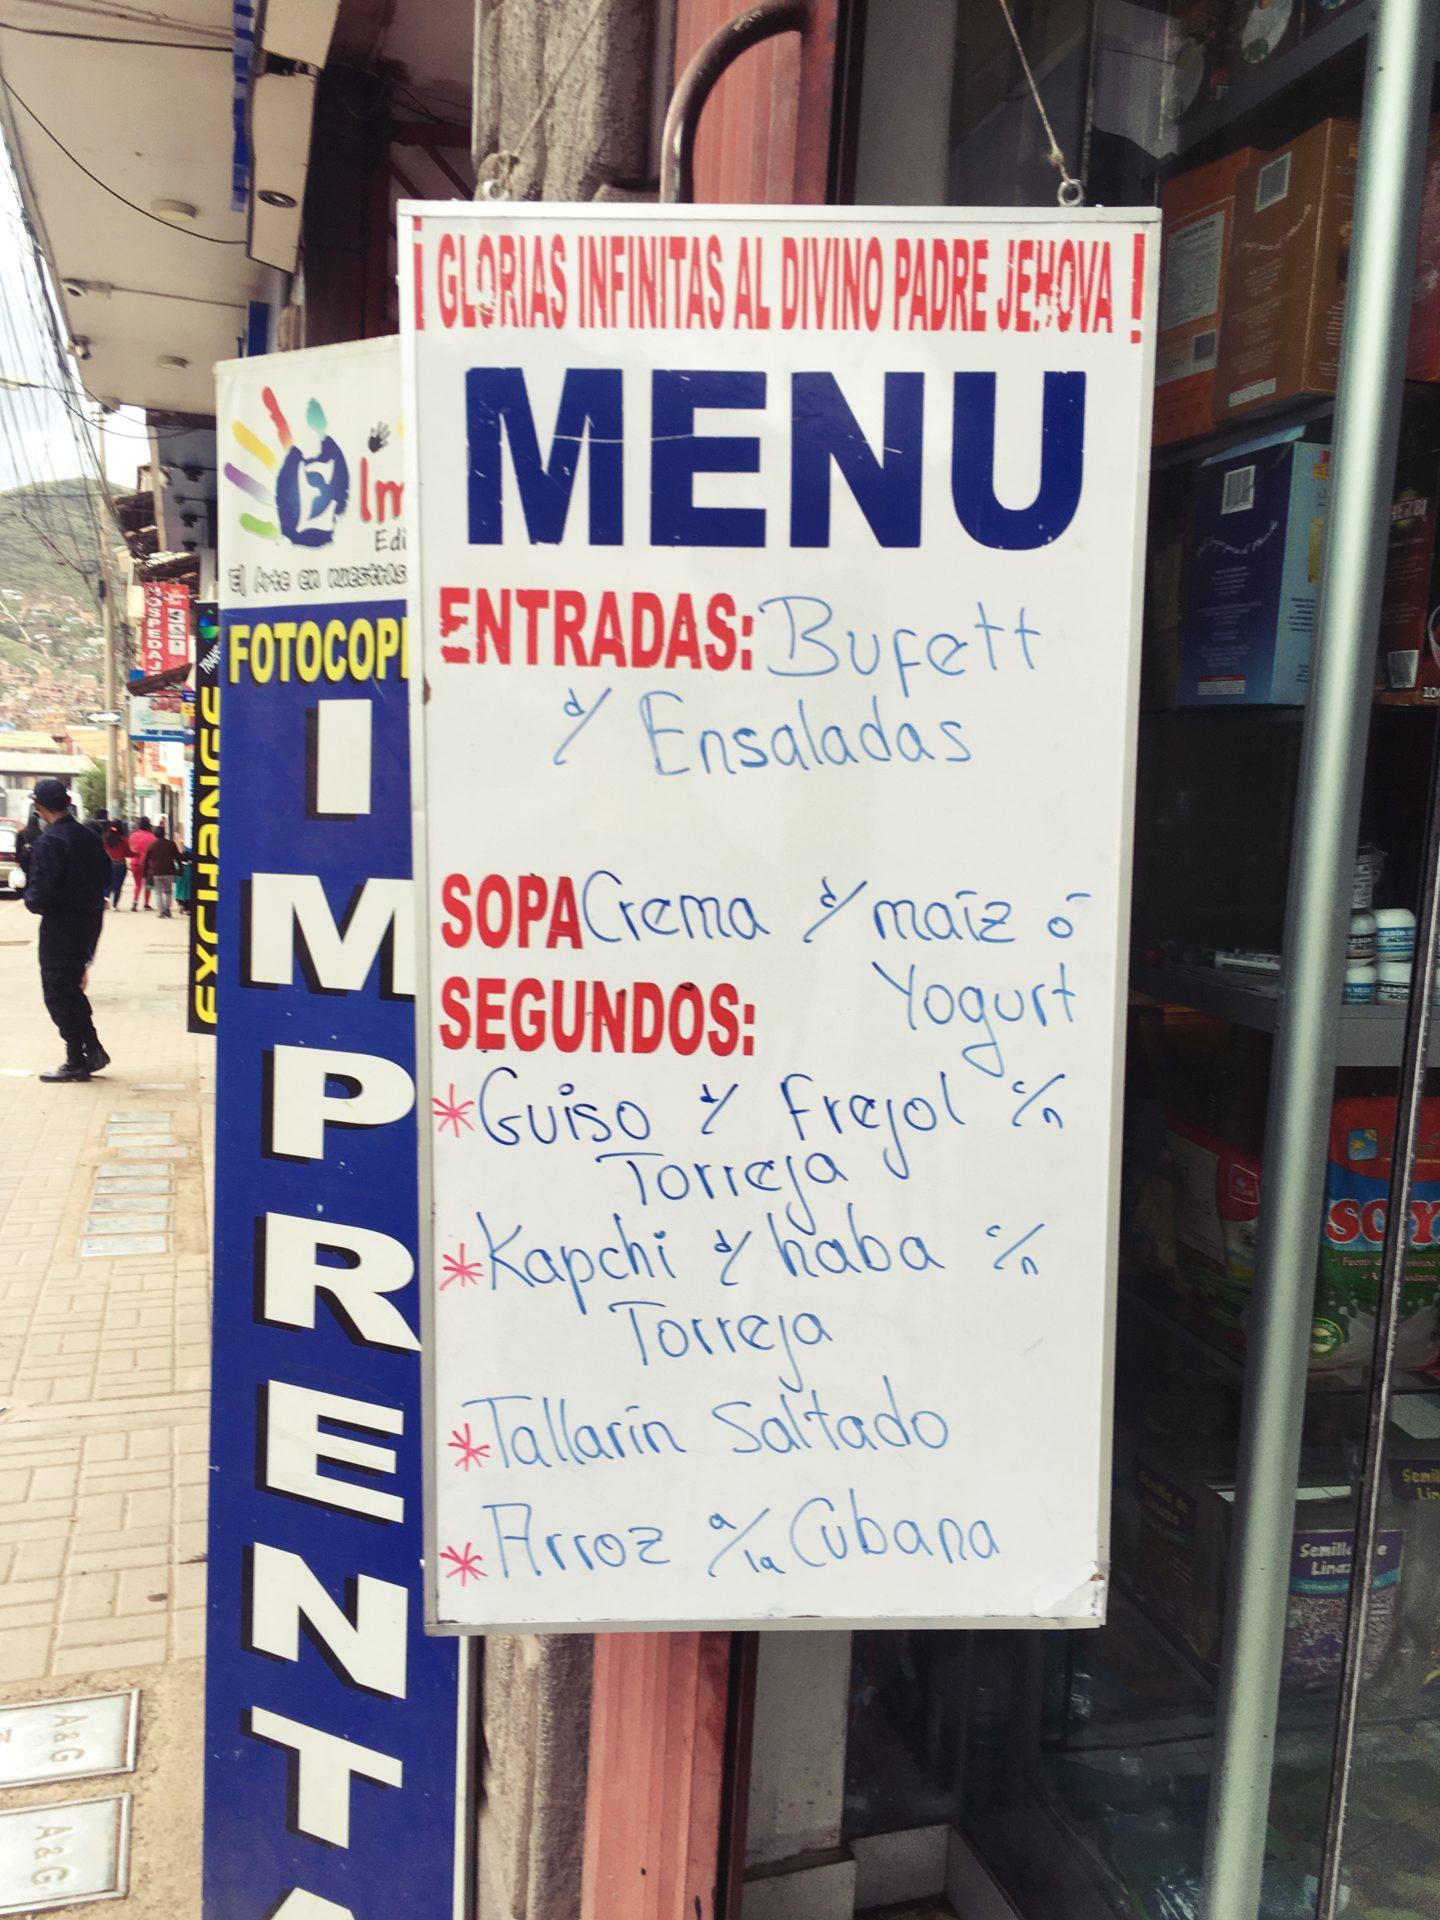 ペルー, クスコ, アジア, 食材, ベジタリアン, レストラン, 豆腐